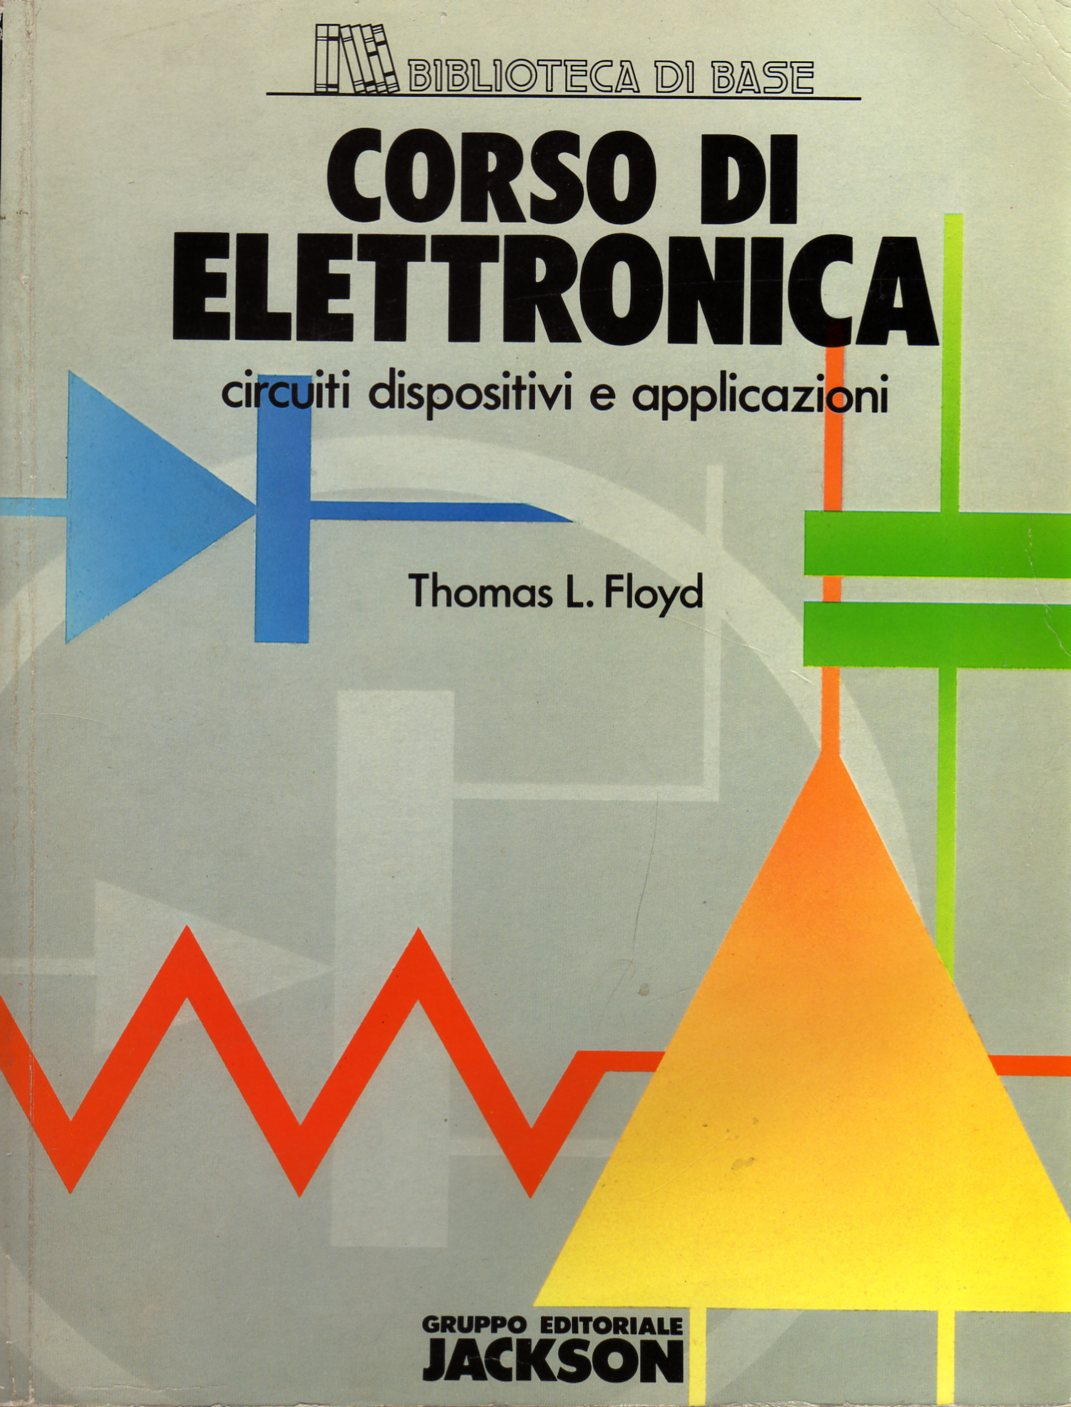 Corso di elettronica